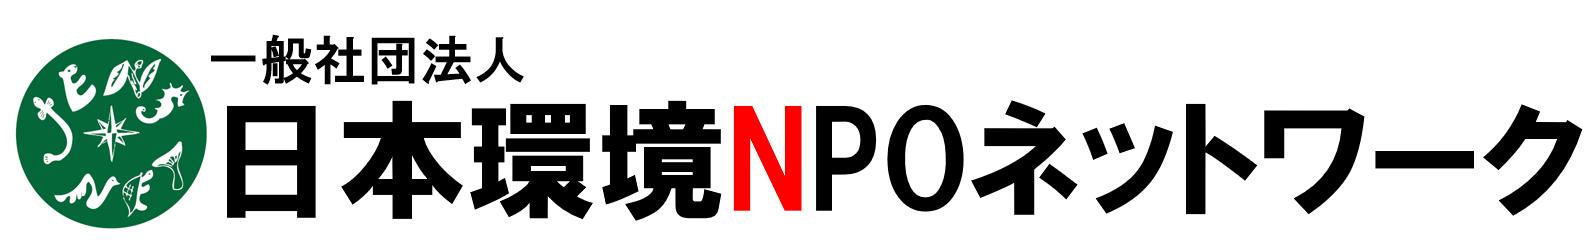 一般社団法人 日本環境NPOネットワーク(略称/Jens-Net)